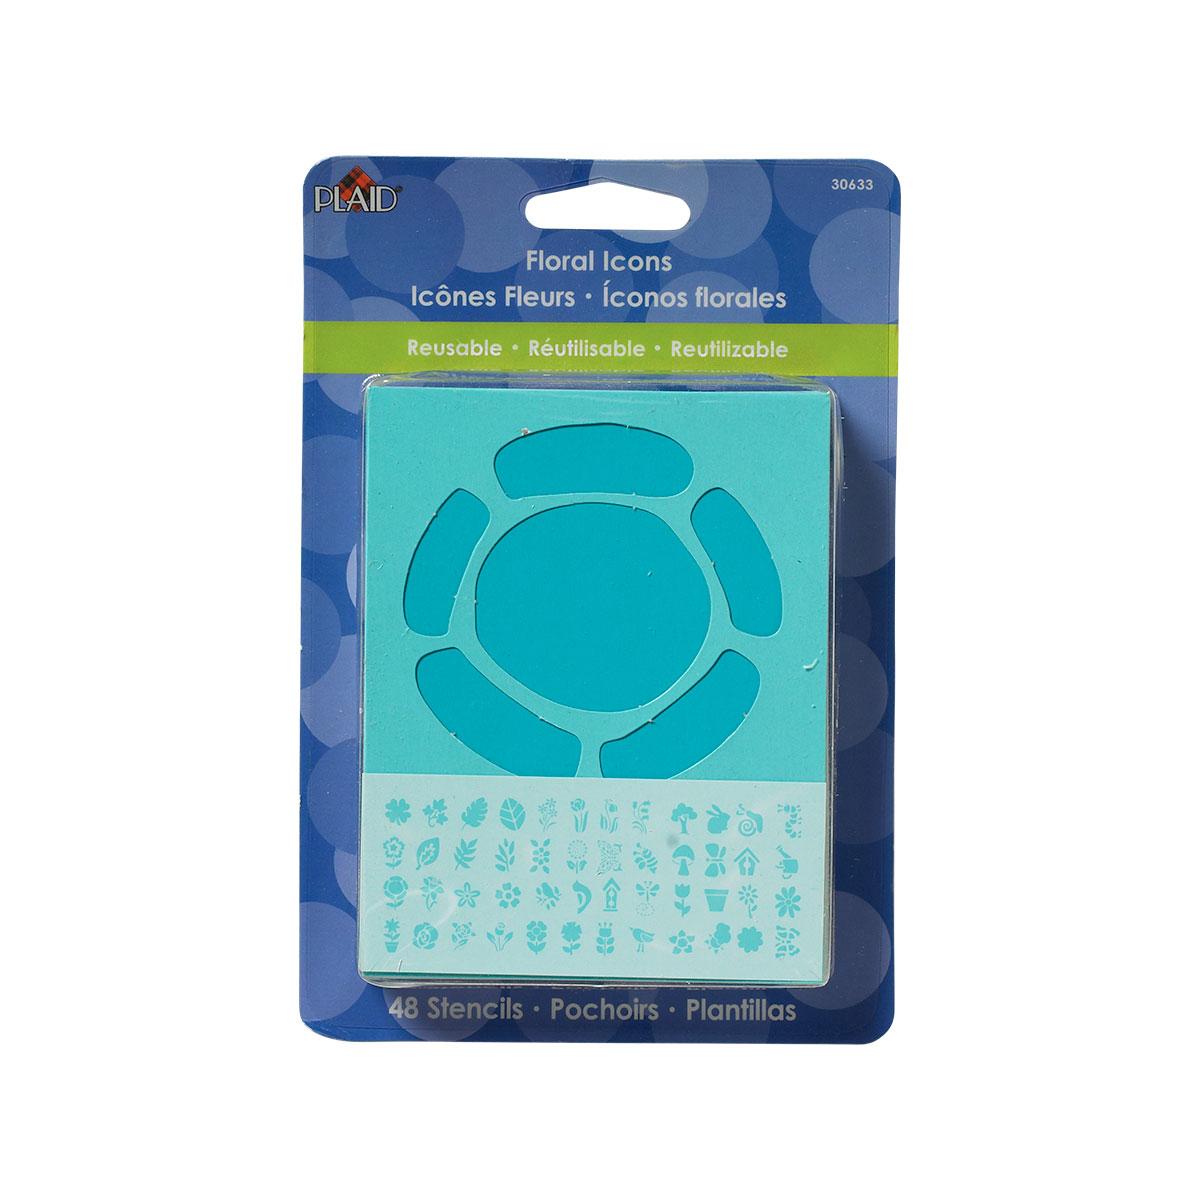 Plaid ® Stencils - Value Packs - Letter Stencils - 3